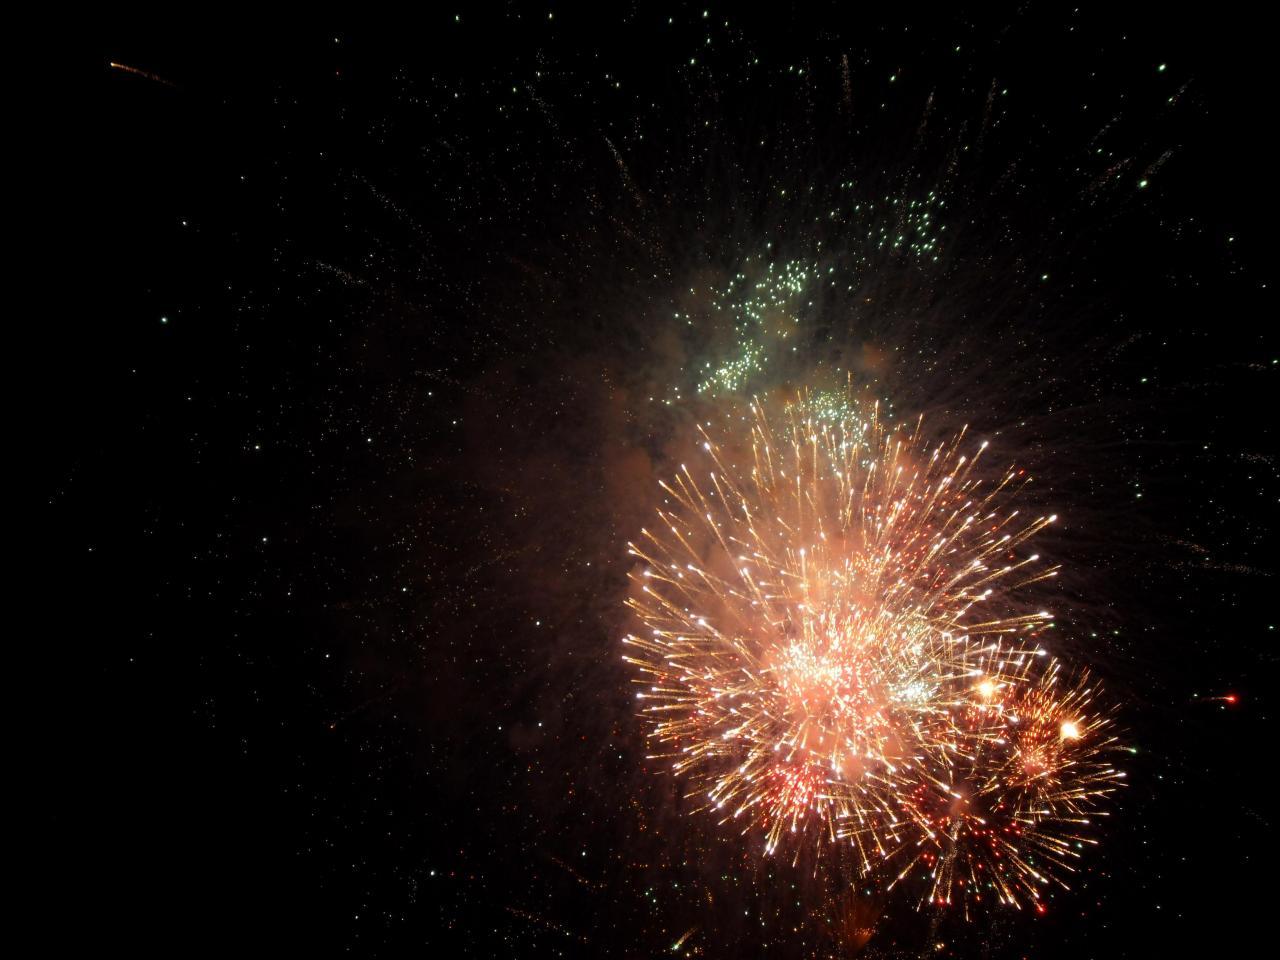 Full Moon Fireworks Full Moon Party Fireworks